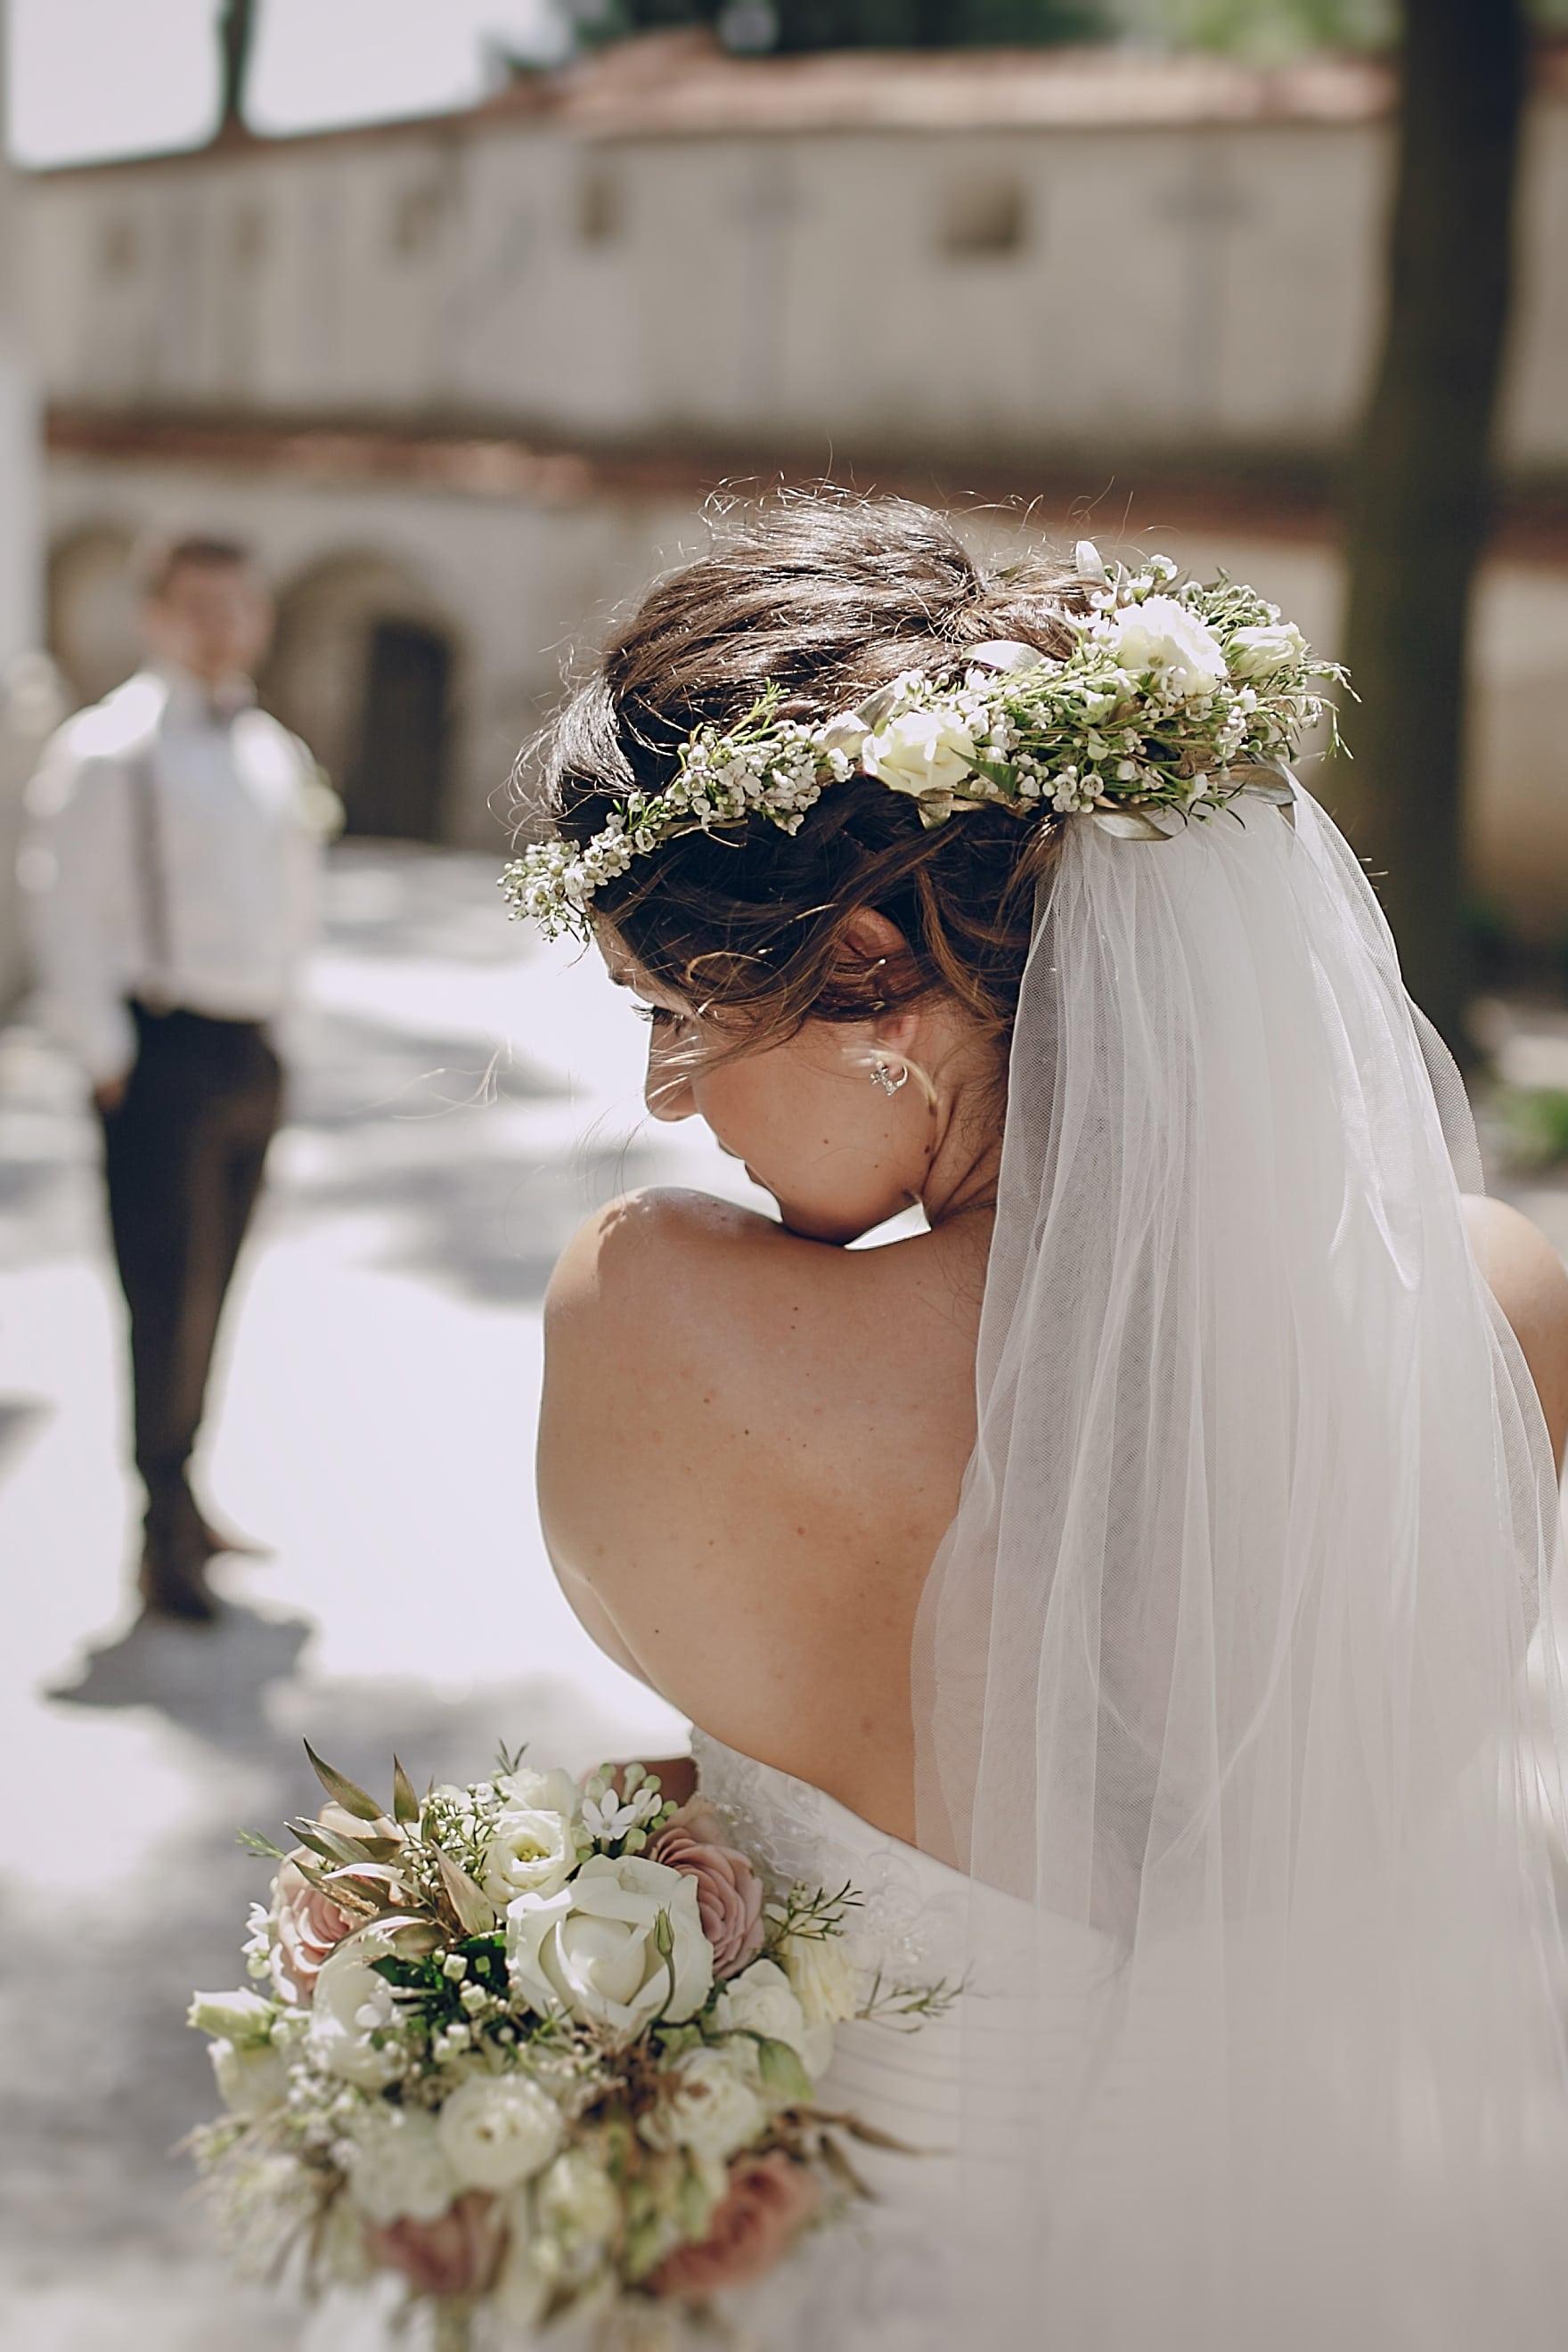 Next day Γάμου - Φωτογράφιση